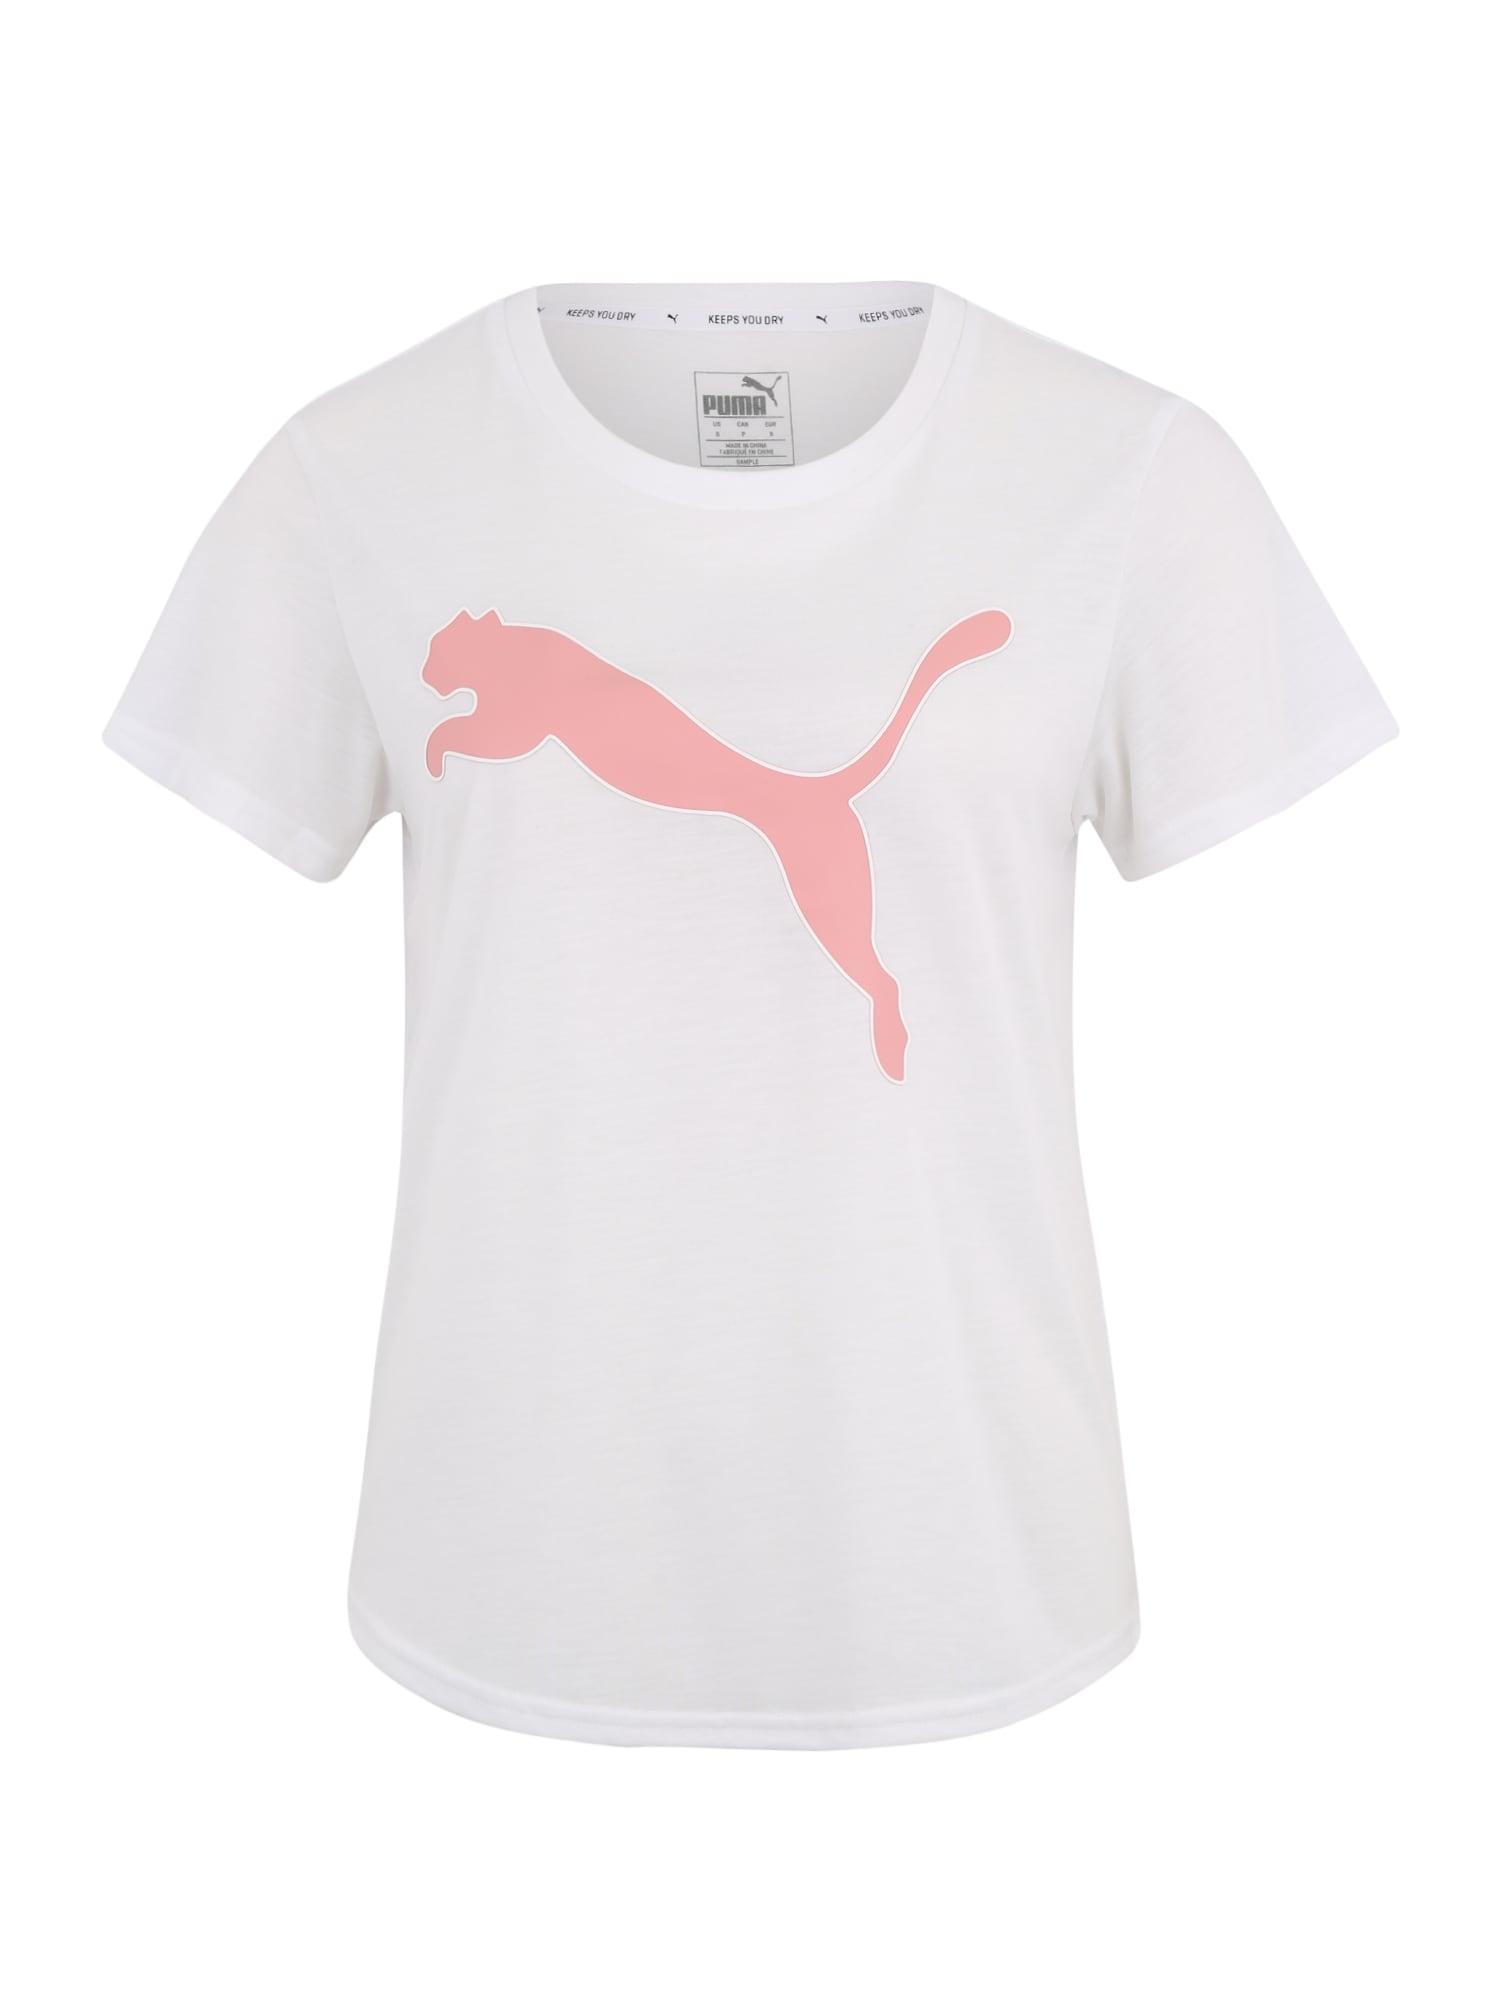 Funkční tričko EVOSTRIPE Tee růžová bílá PUMA